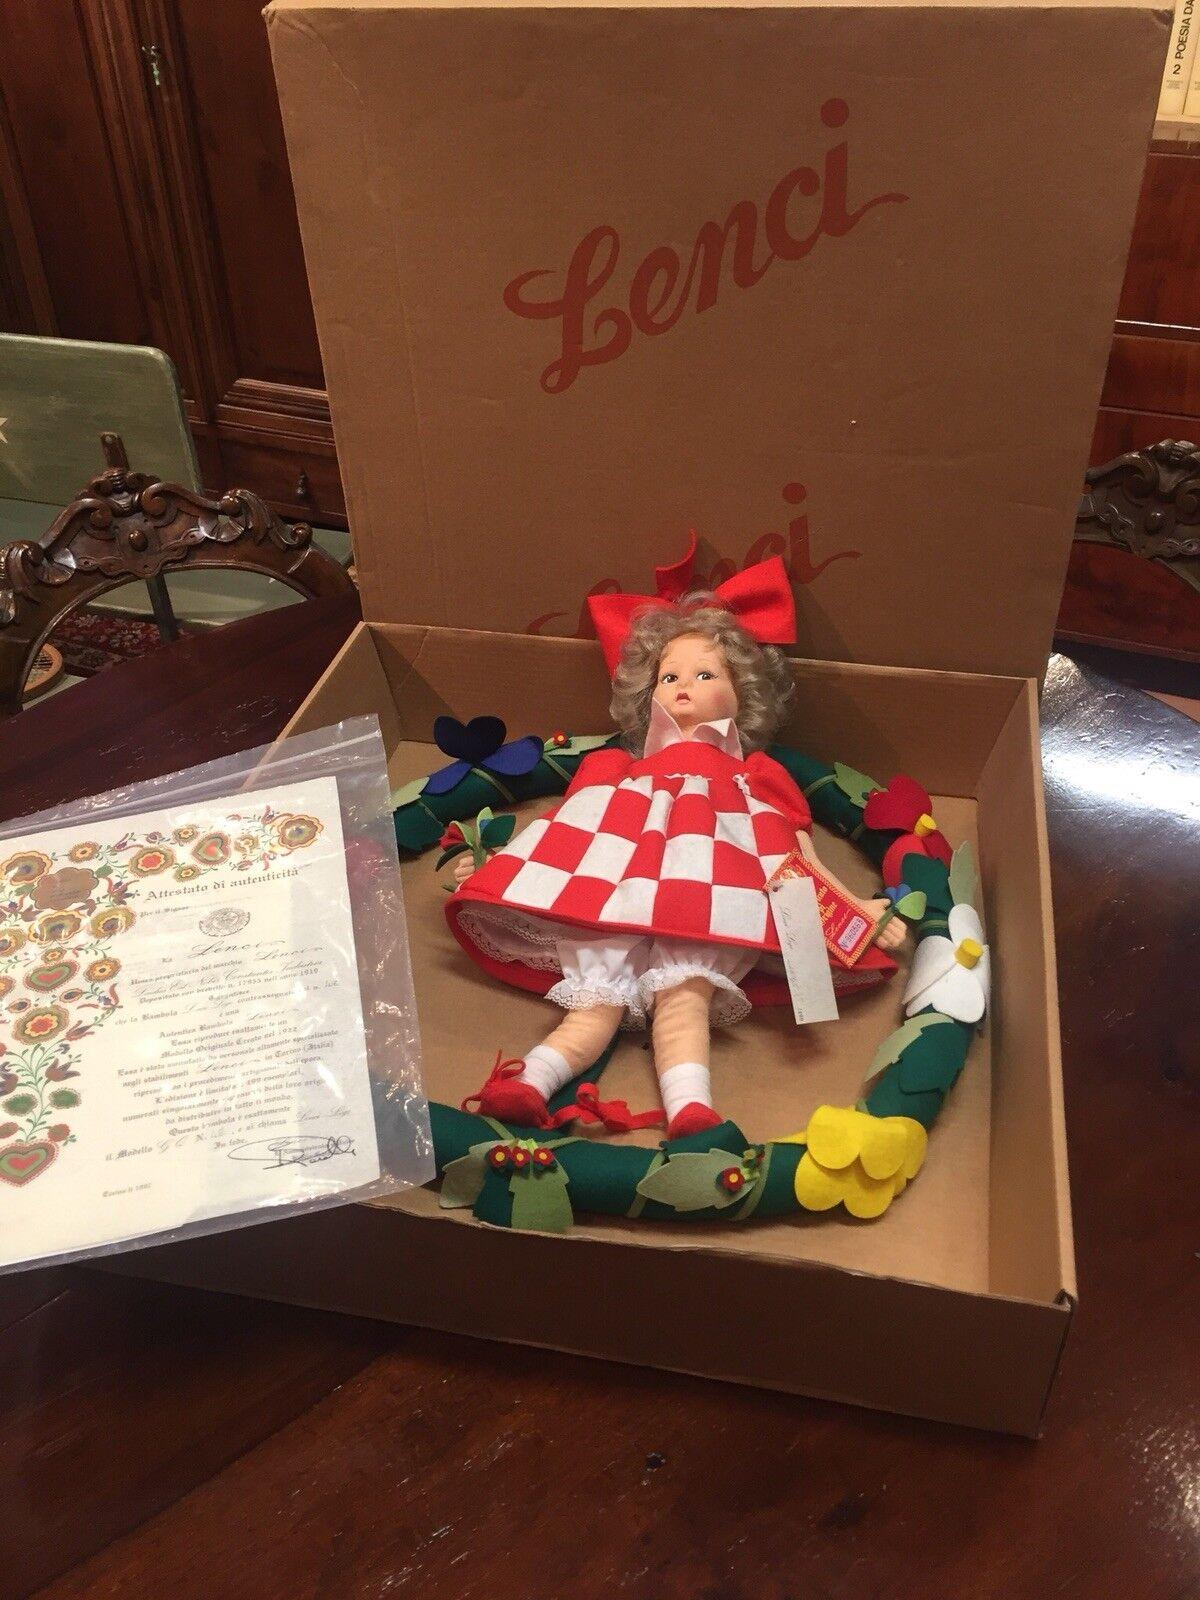 Bambola Panno Lenci  Anno 1997  all'ingrosso a buon mercato